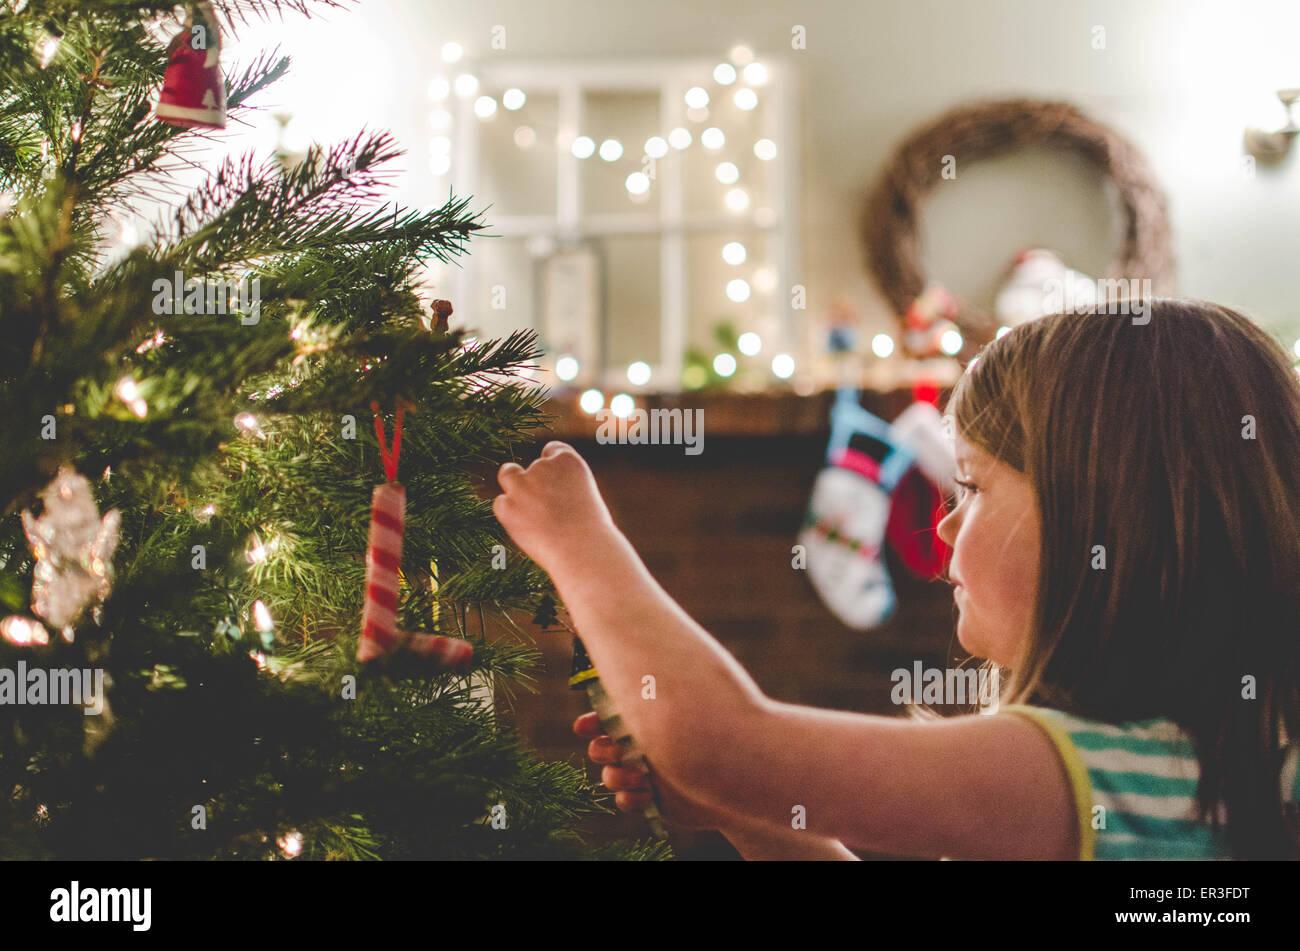 Mädchen, die einen Weihnachtsbaum Dekoration Stockbild